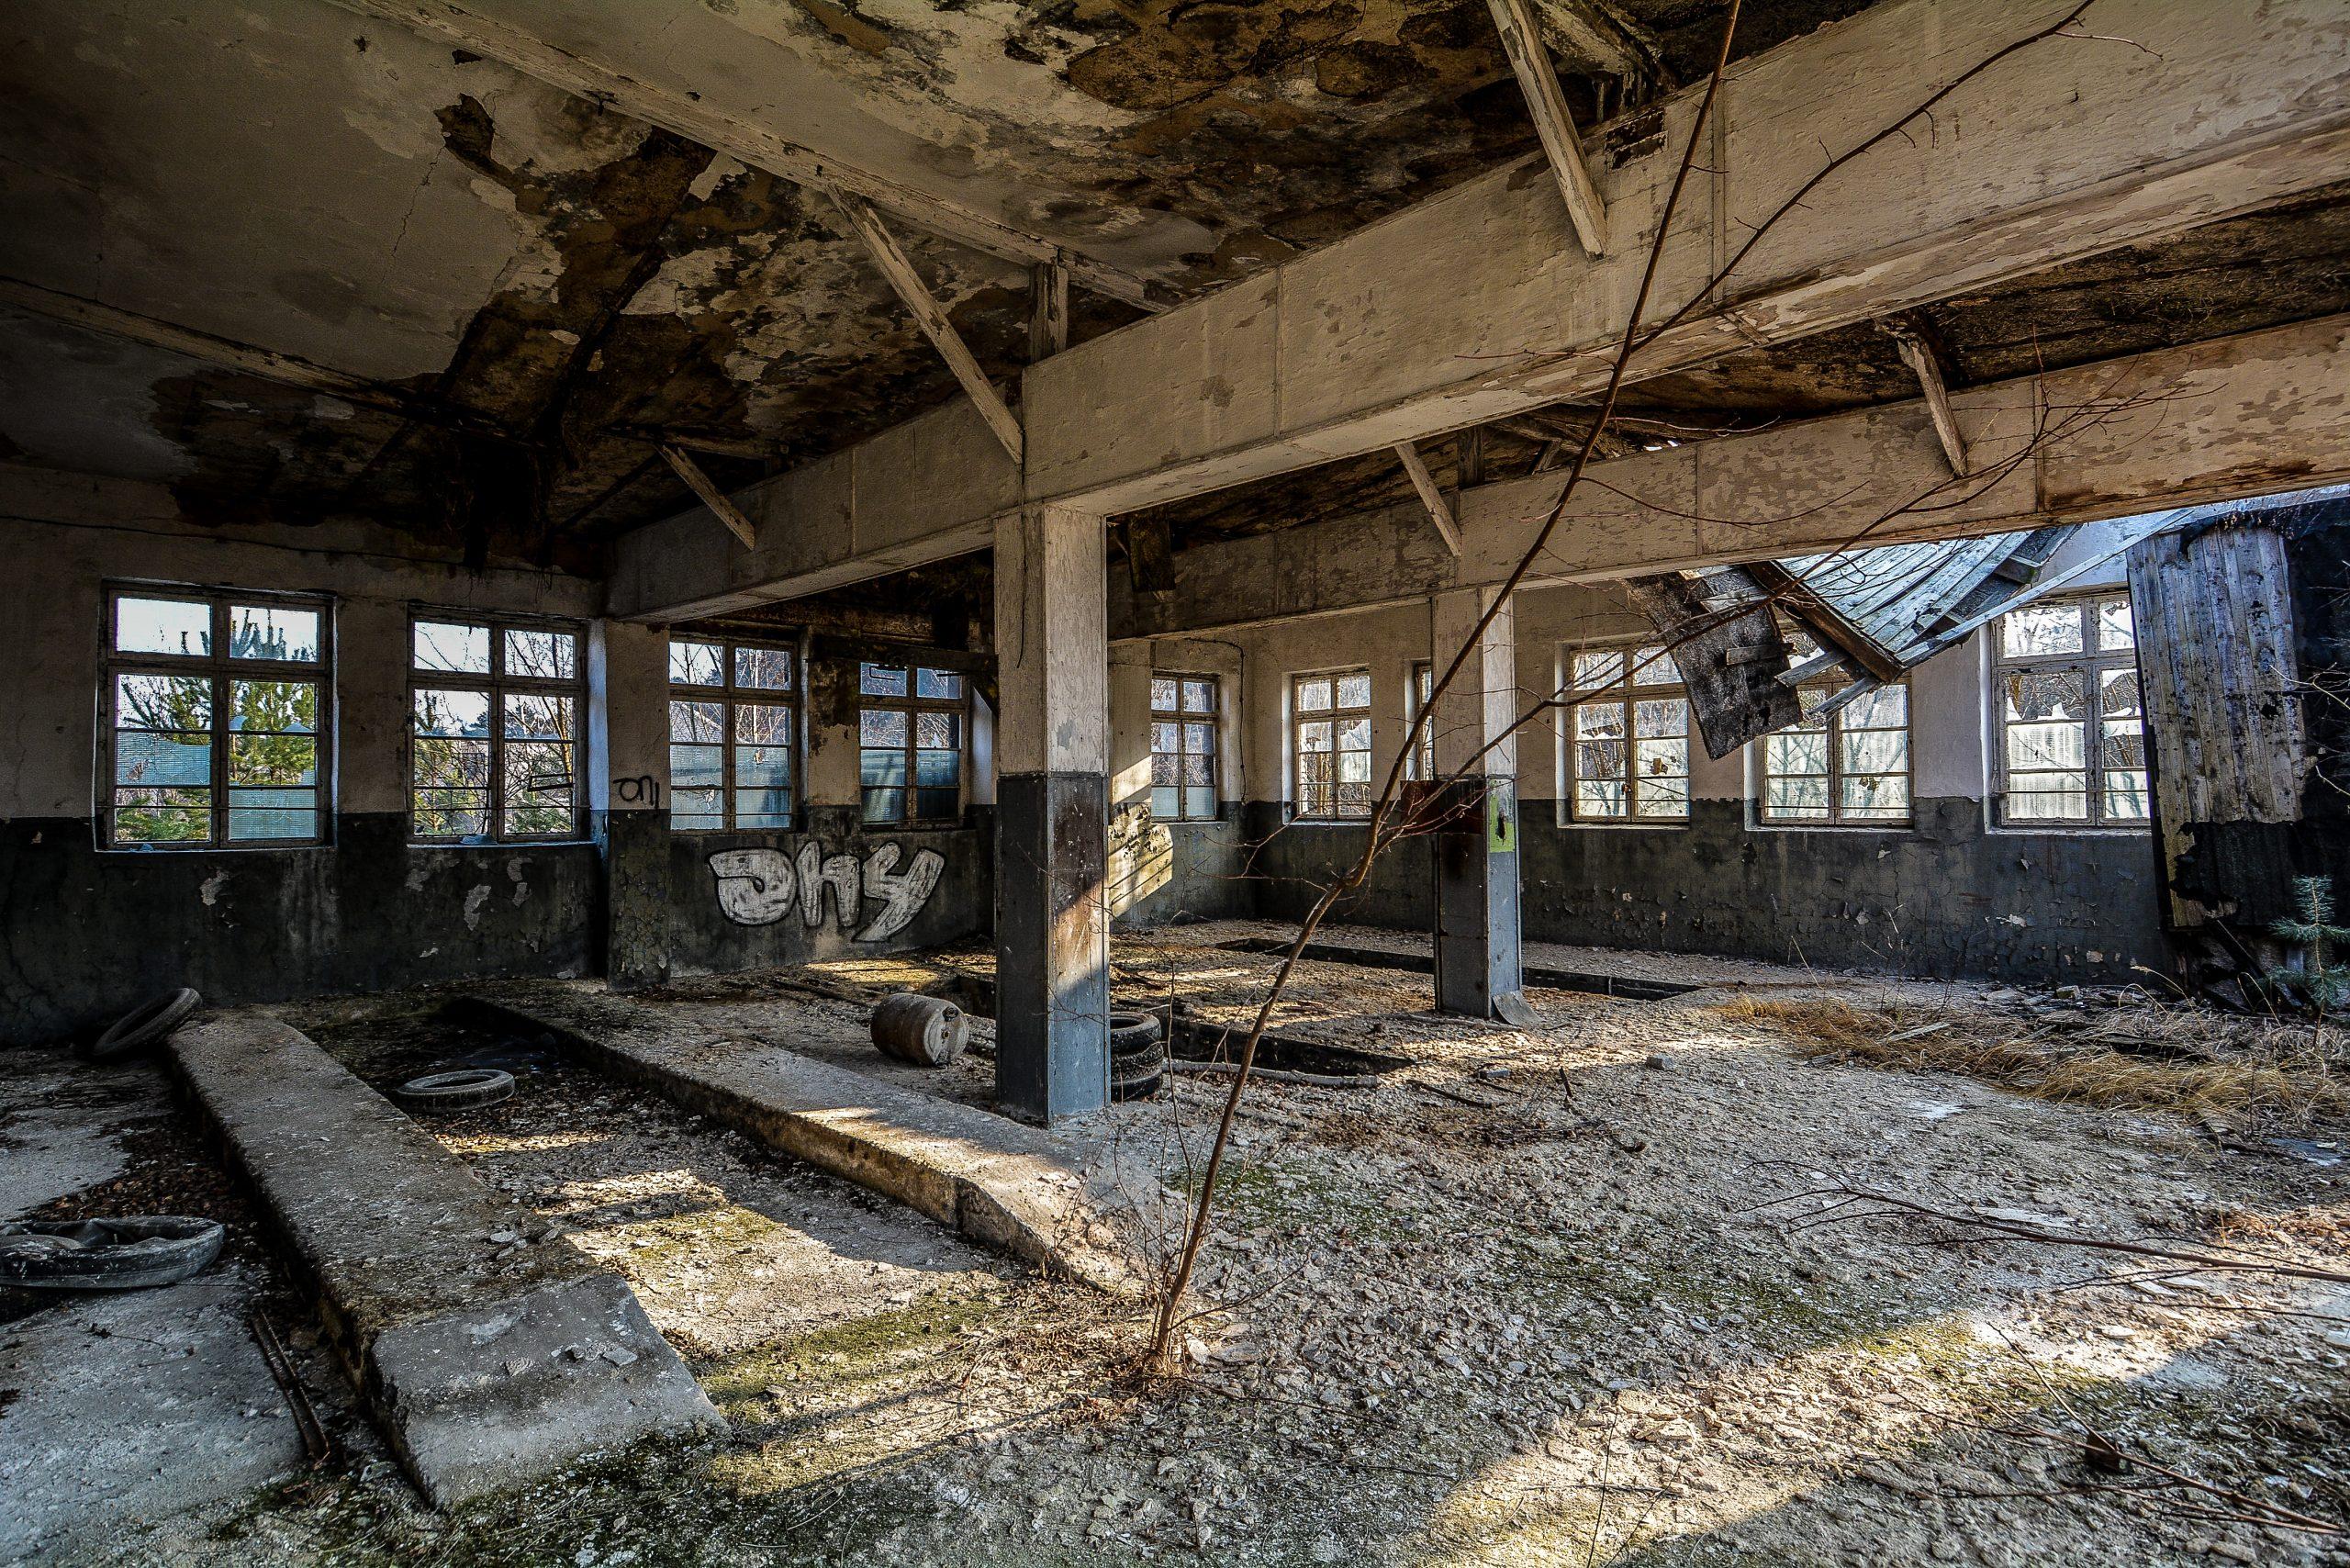 workshop garage forst zinna adolf hitler lager luckenwalde juterbog sowjet kaserne soviet military barracks germany lost places urbex abandoned